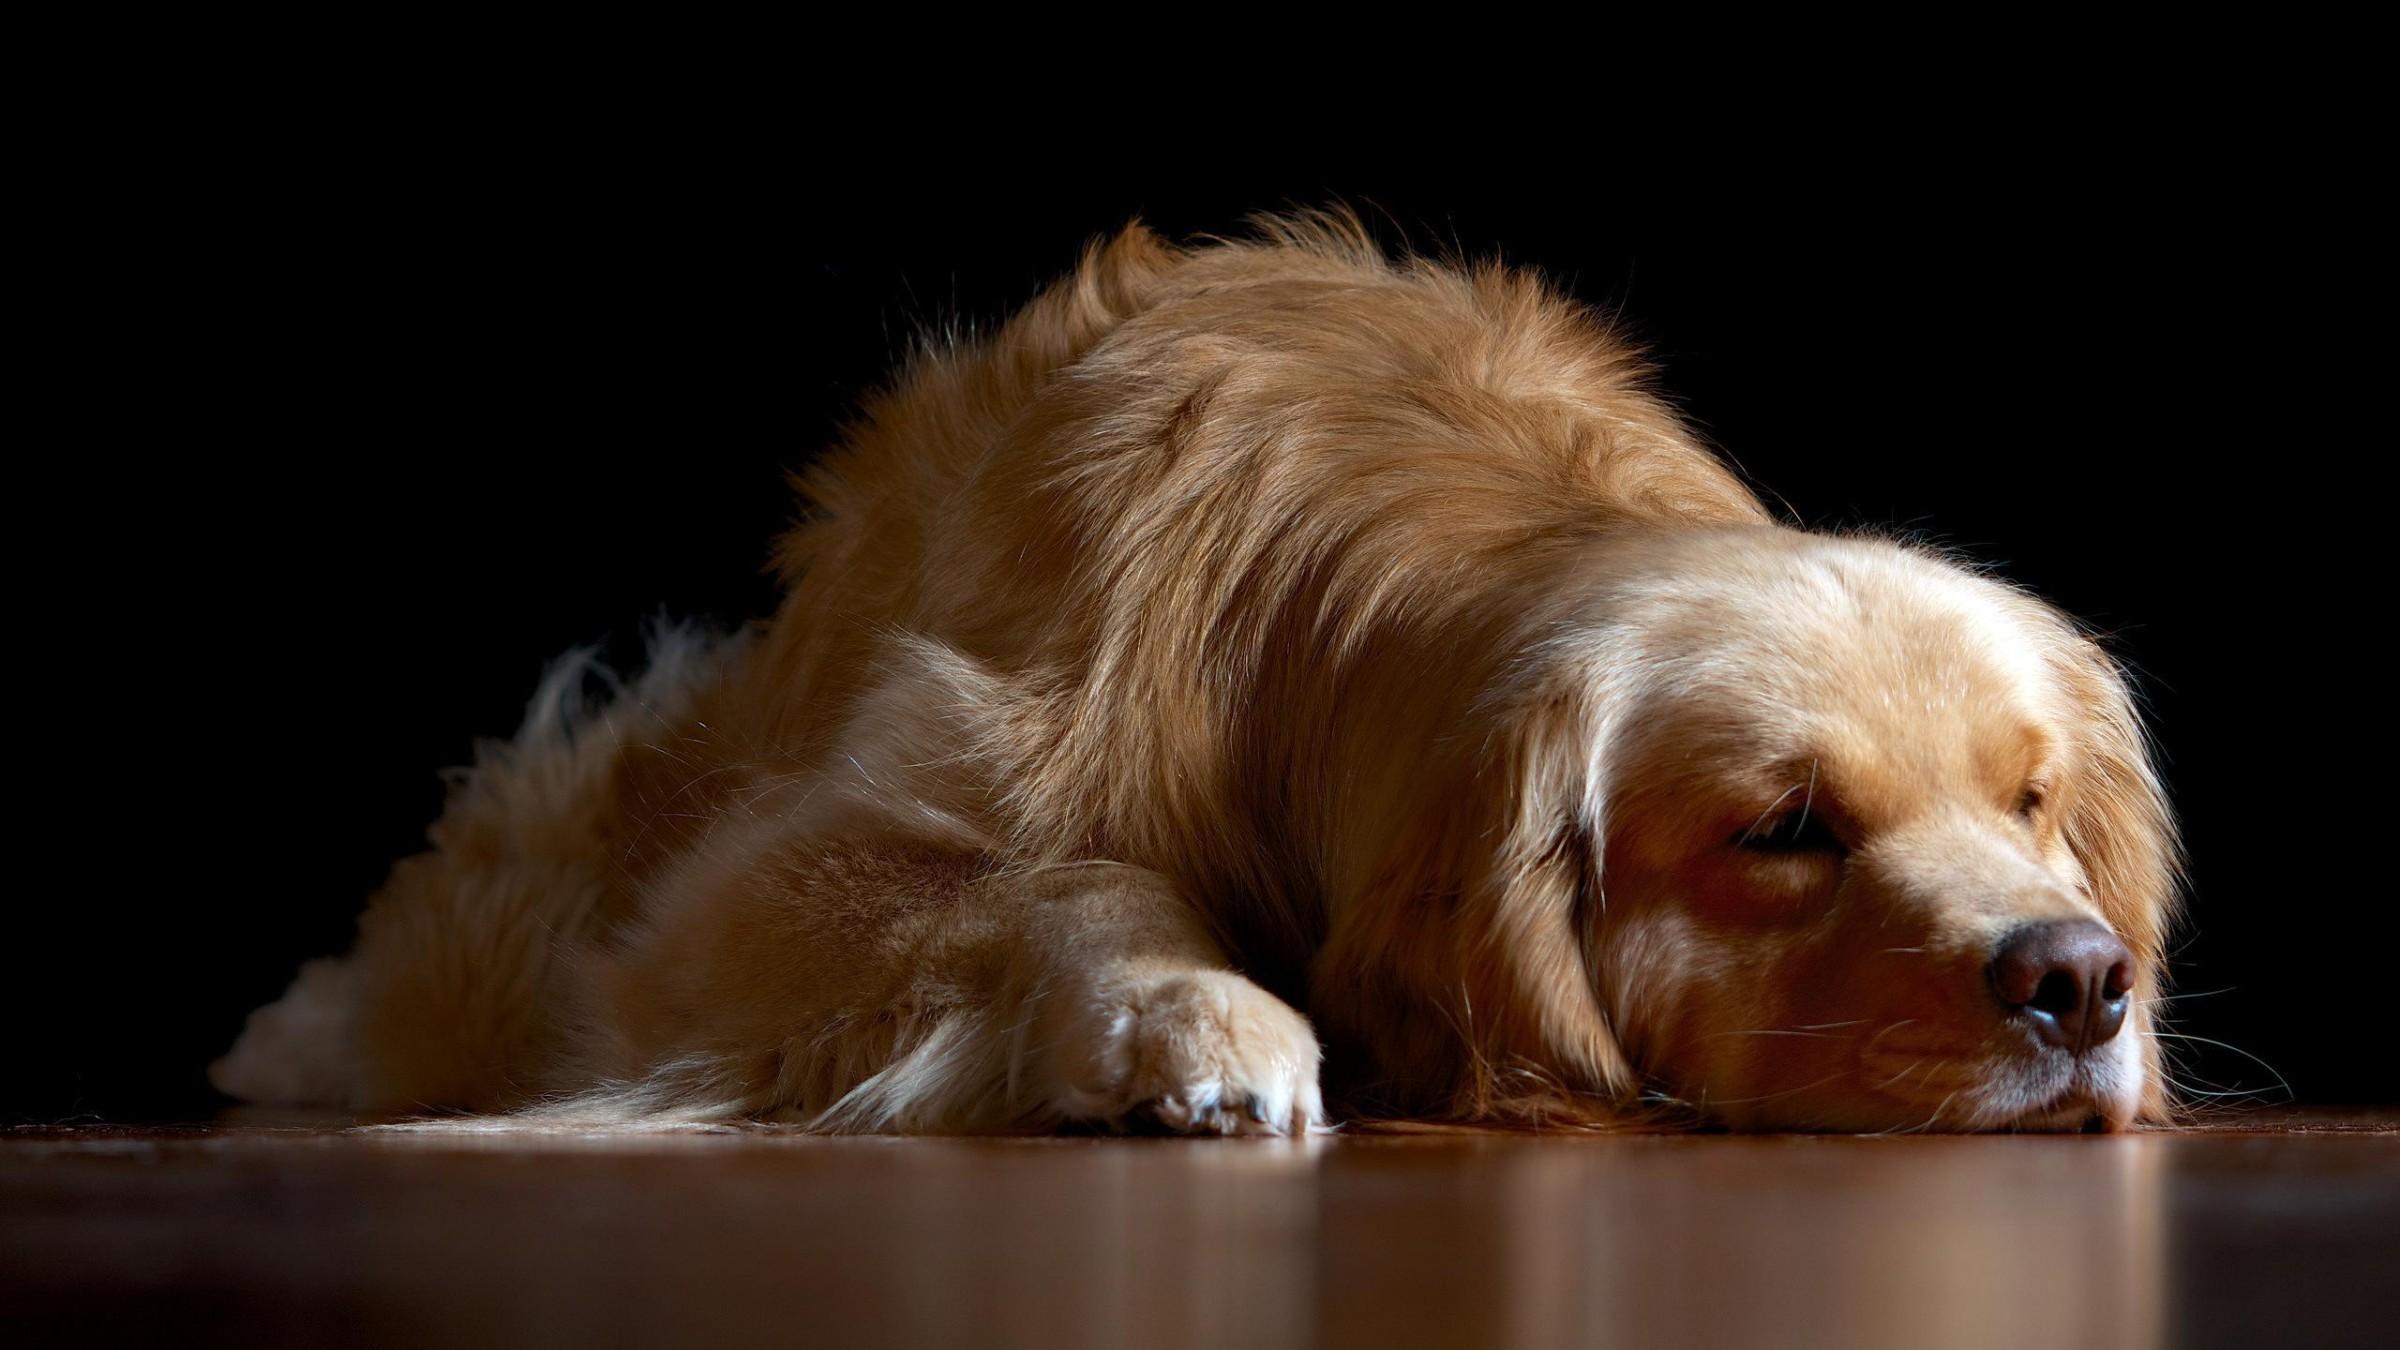 Sleeping Dog HD desktop wallpaper Widescreen High 2400x1350